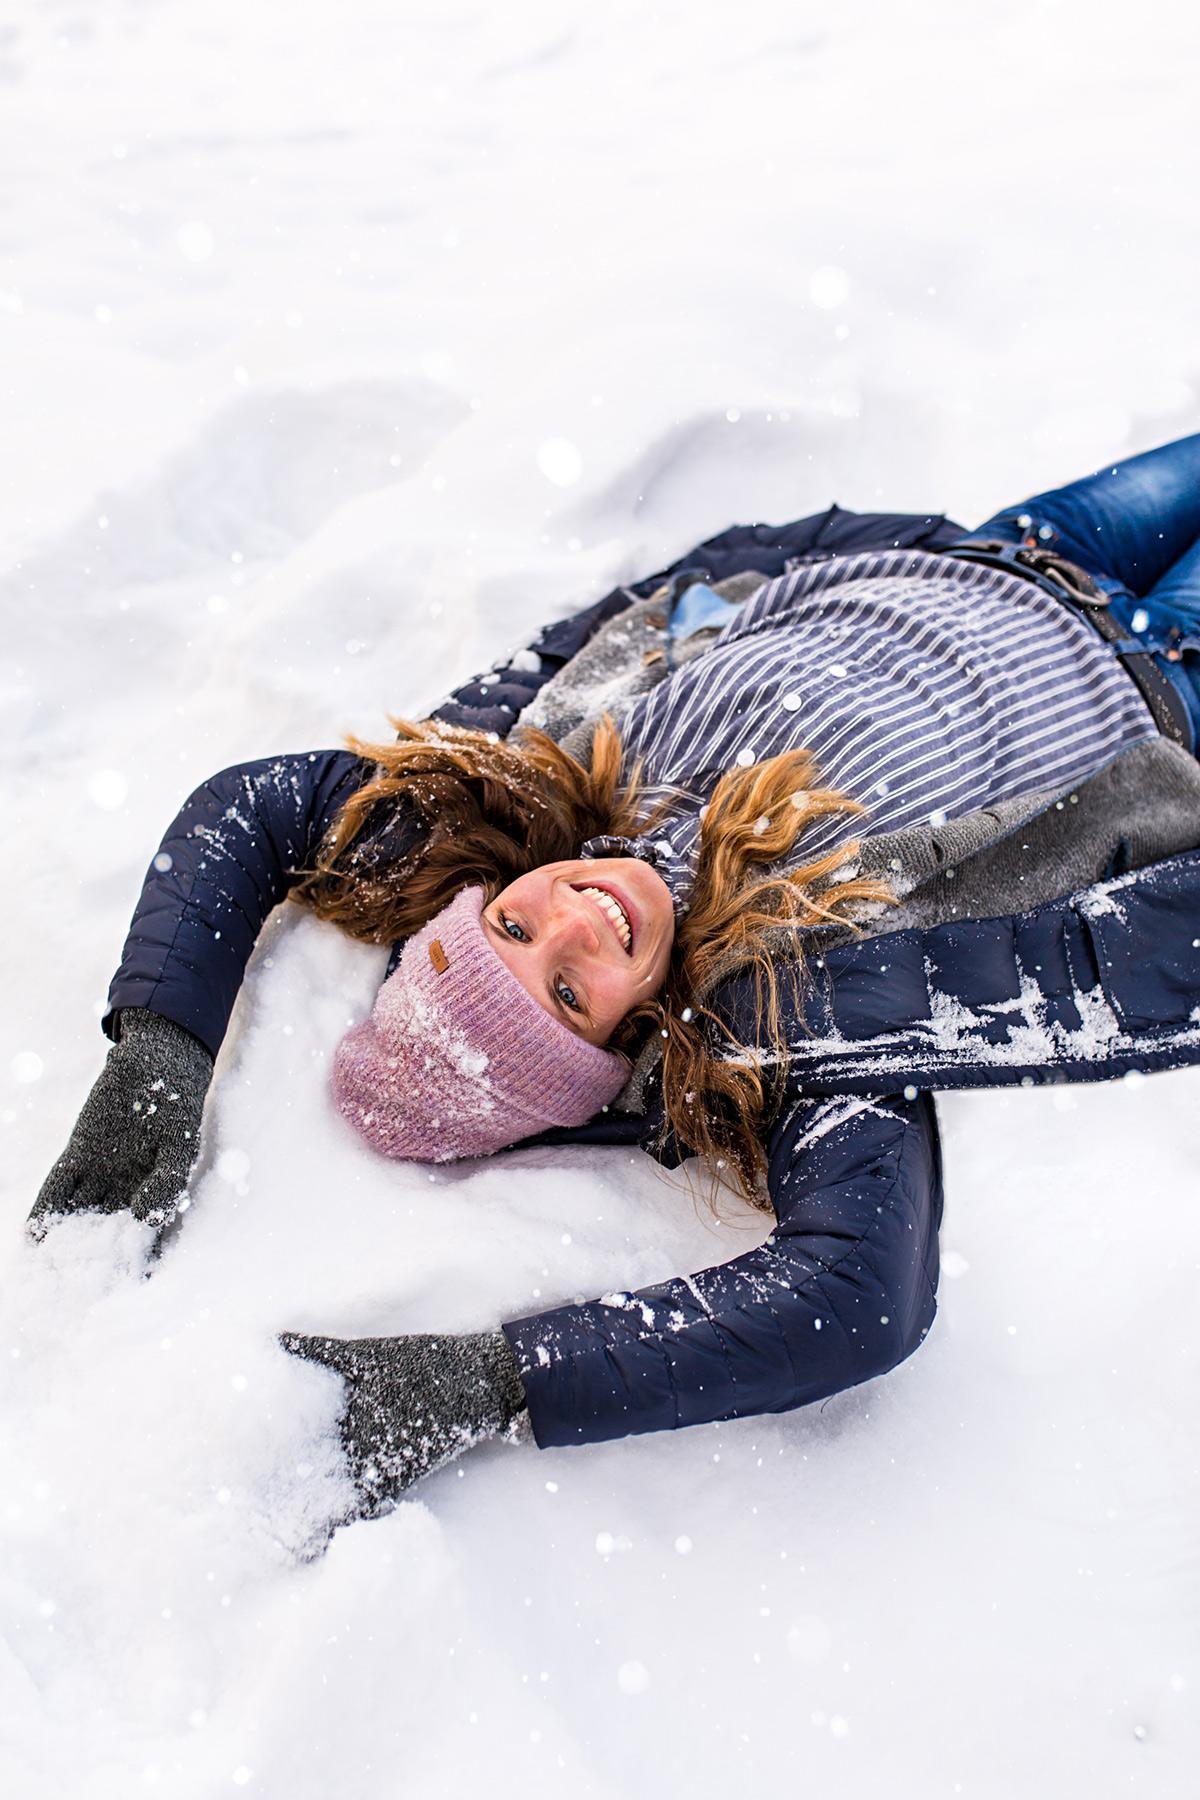 Menschen fotografieren im Winter - Posingtipps für Anfänger